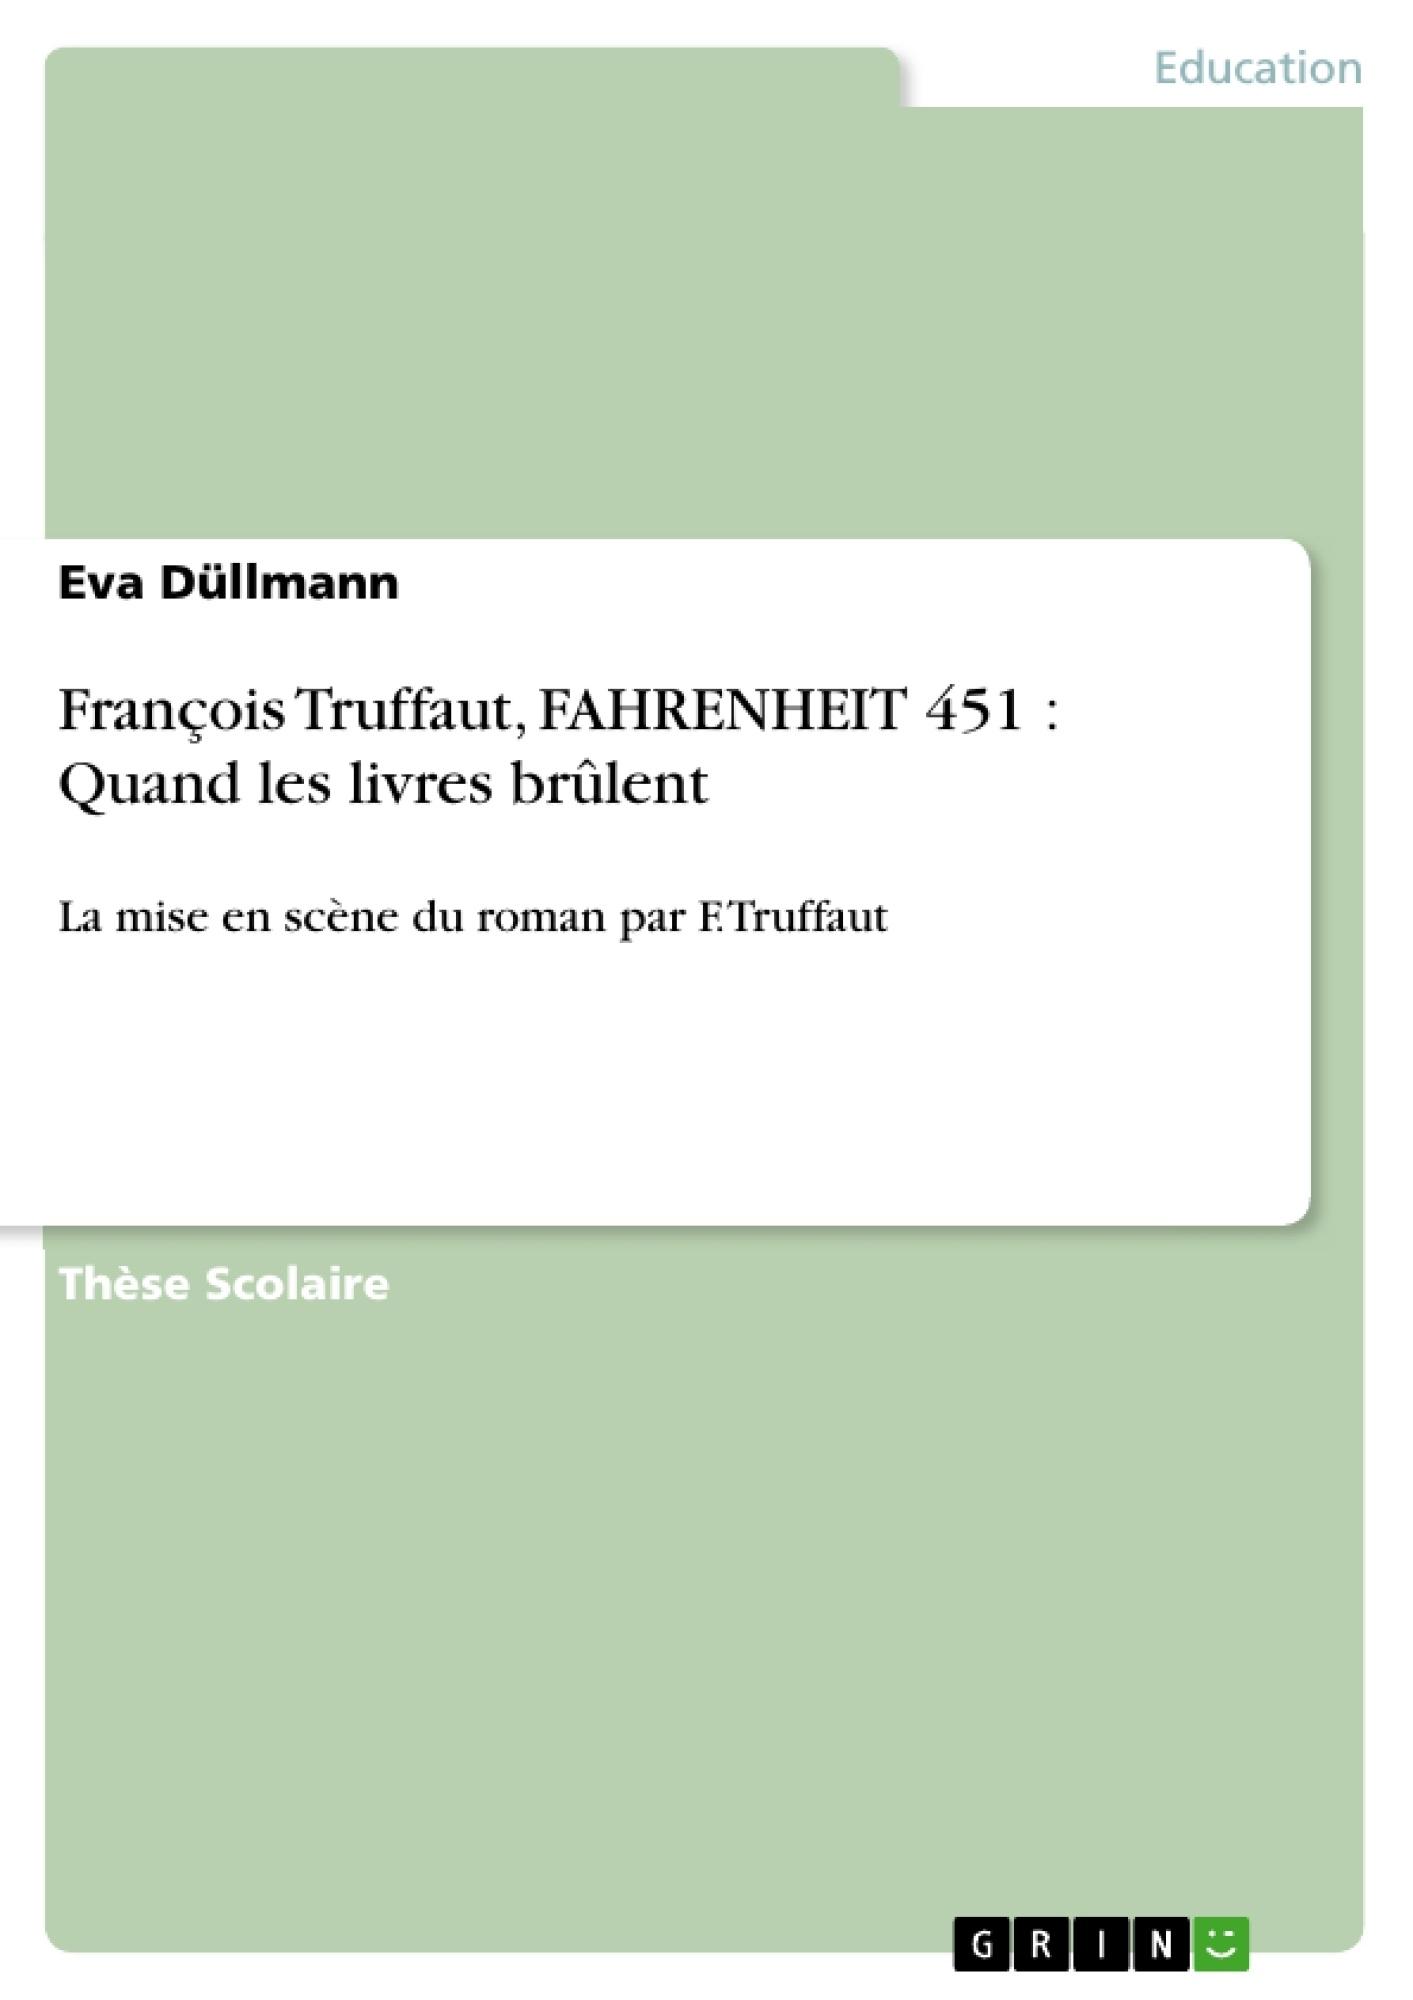 Titre: François Truffaut, FAHRENHEIT 451 : Quand les livres brûlent